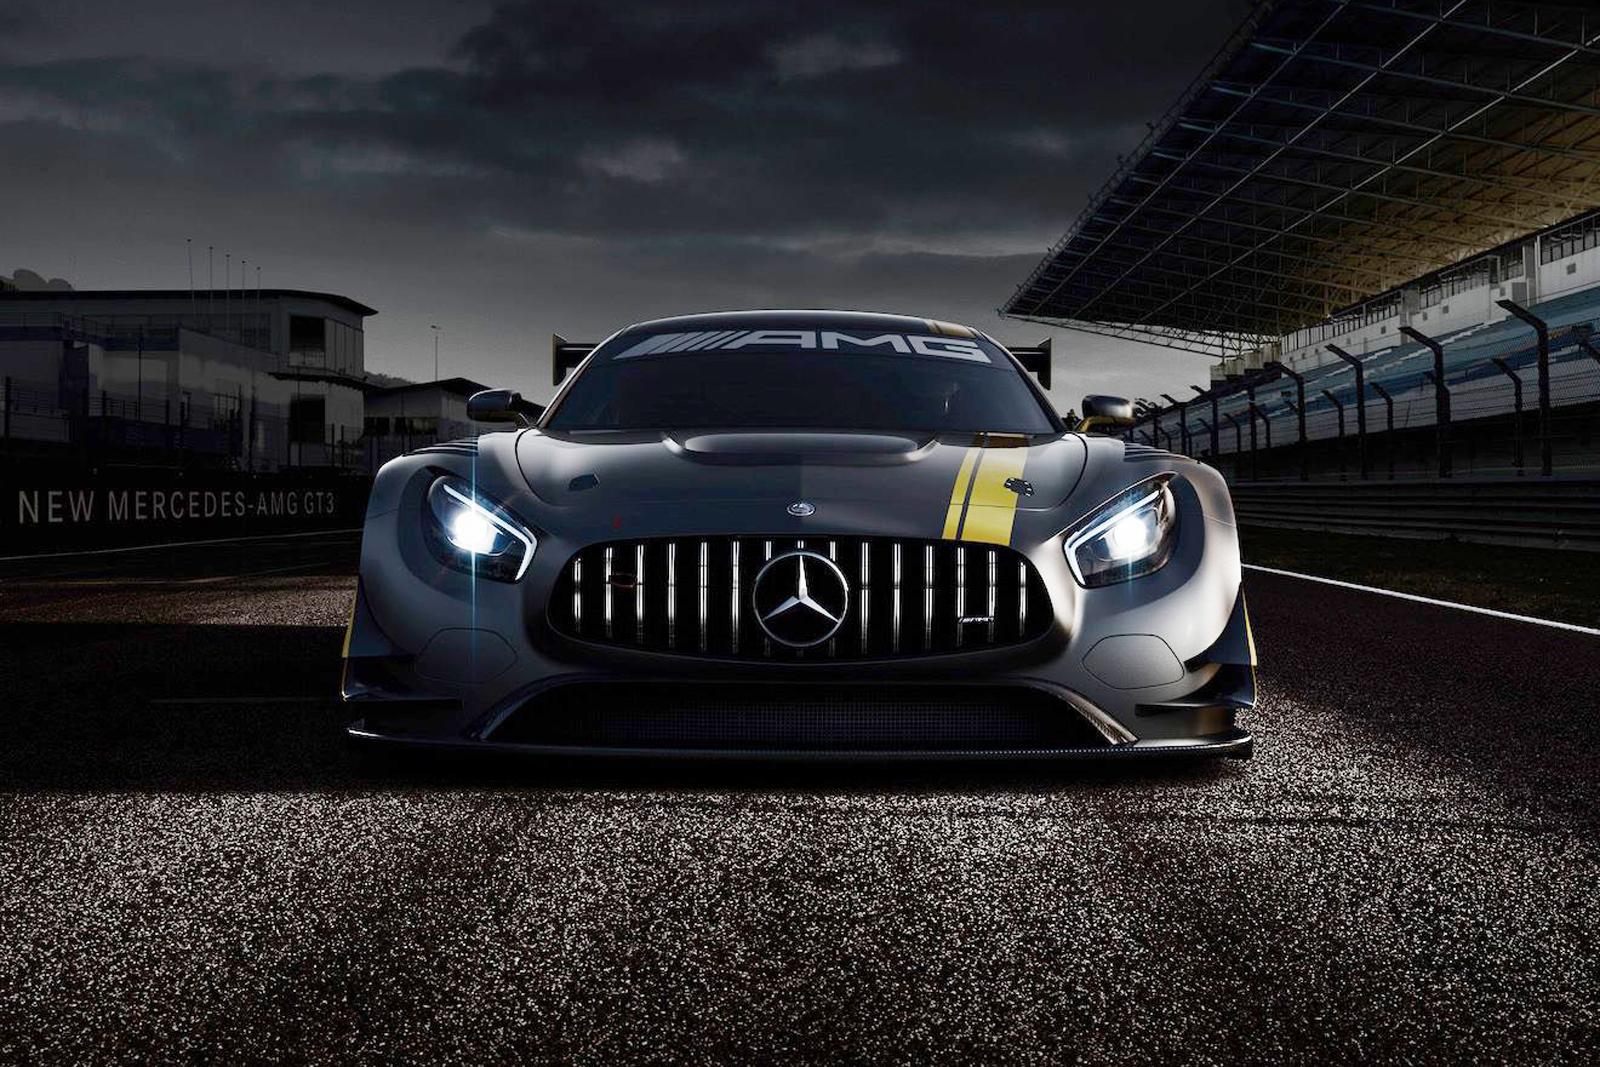 Mercedes tung hình ảnh xe đua AMG GT3